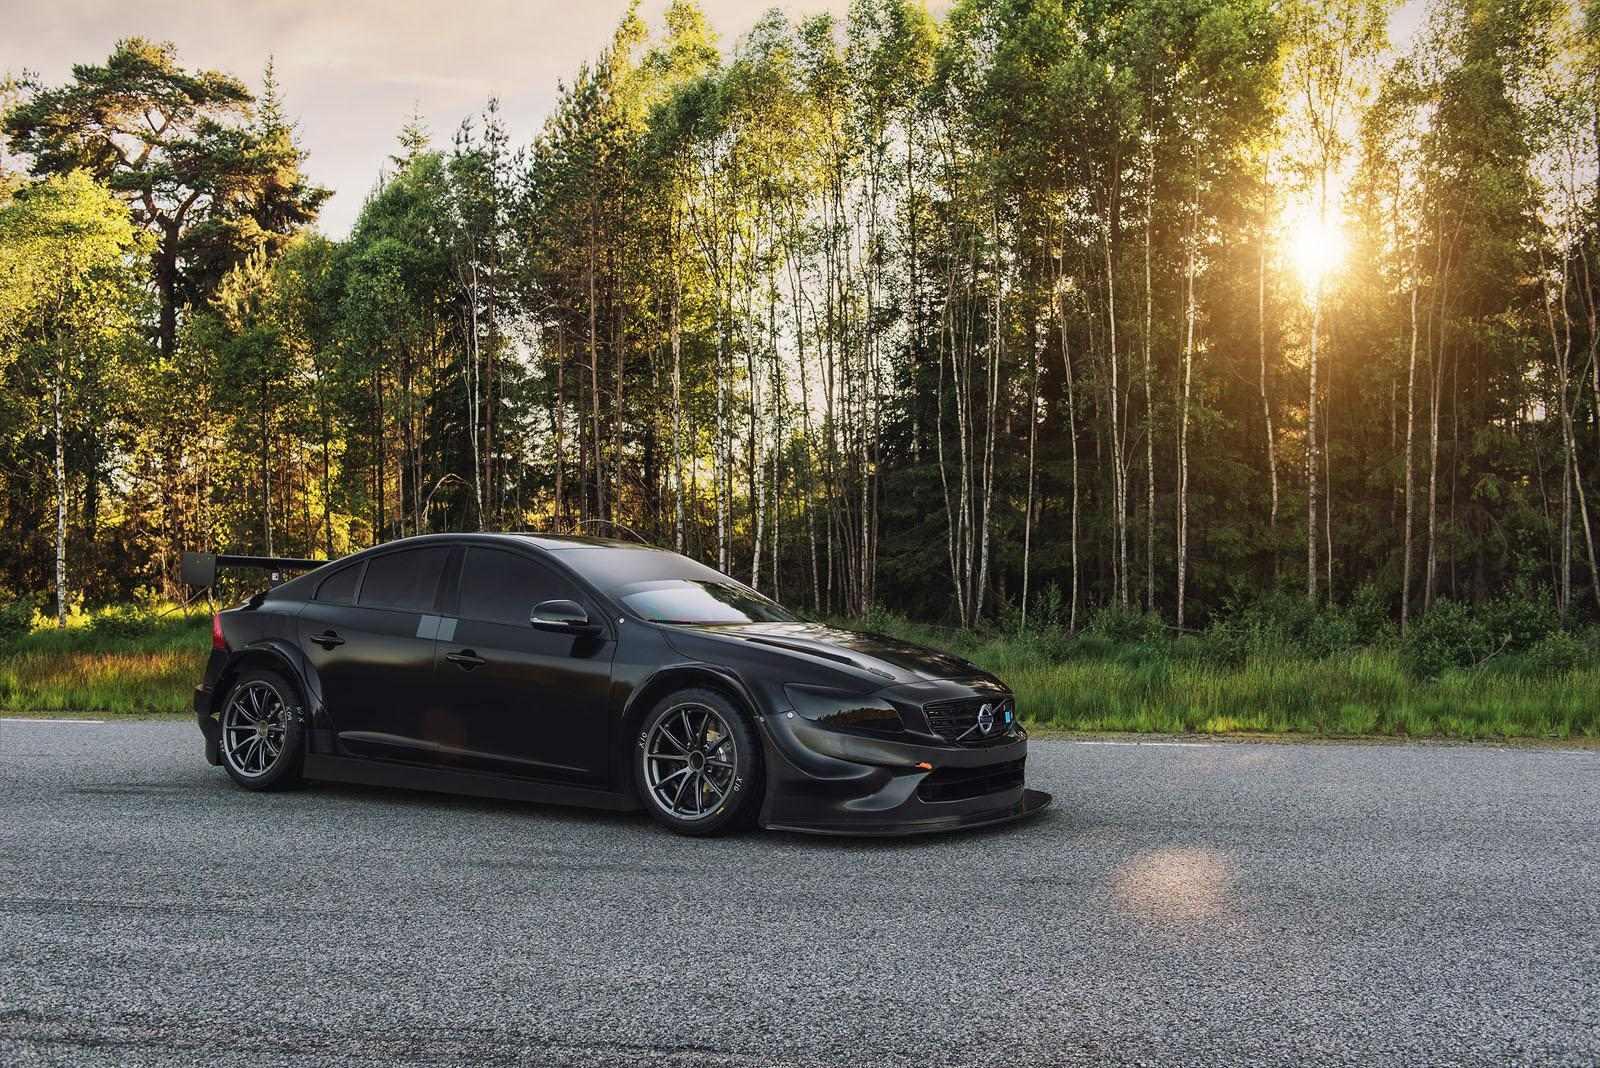 Volvo S60 Polestar for racing